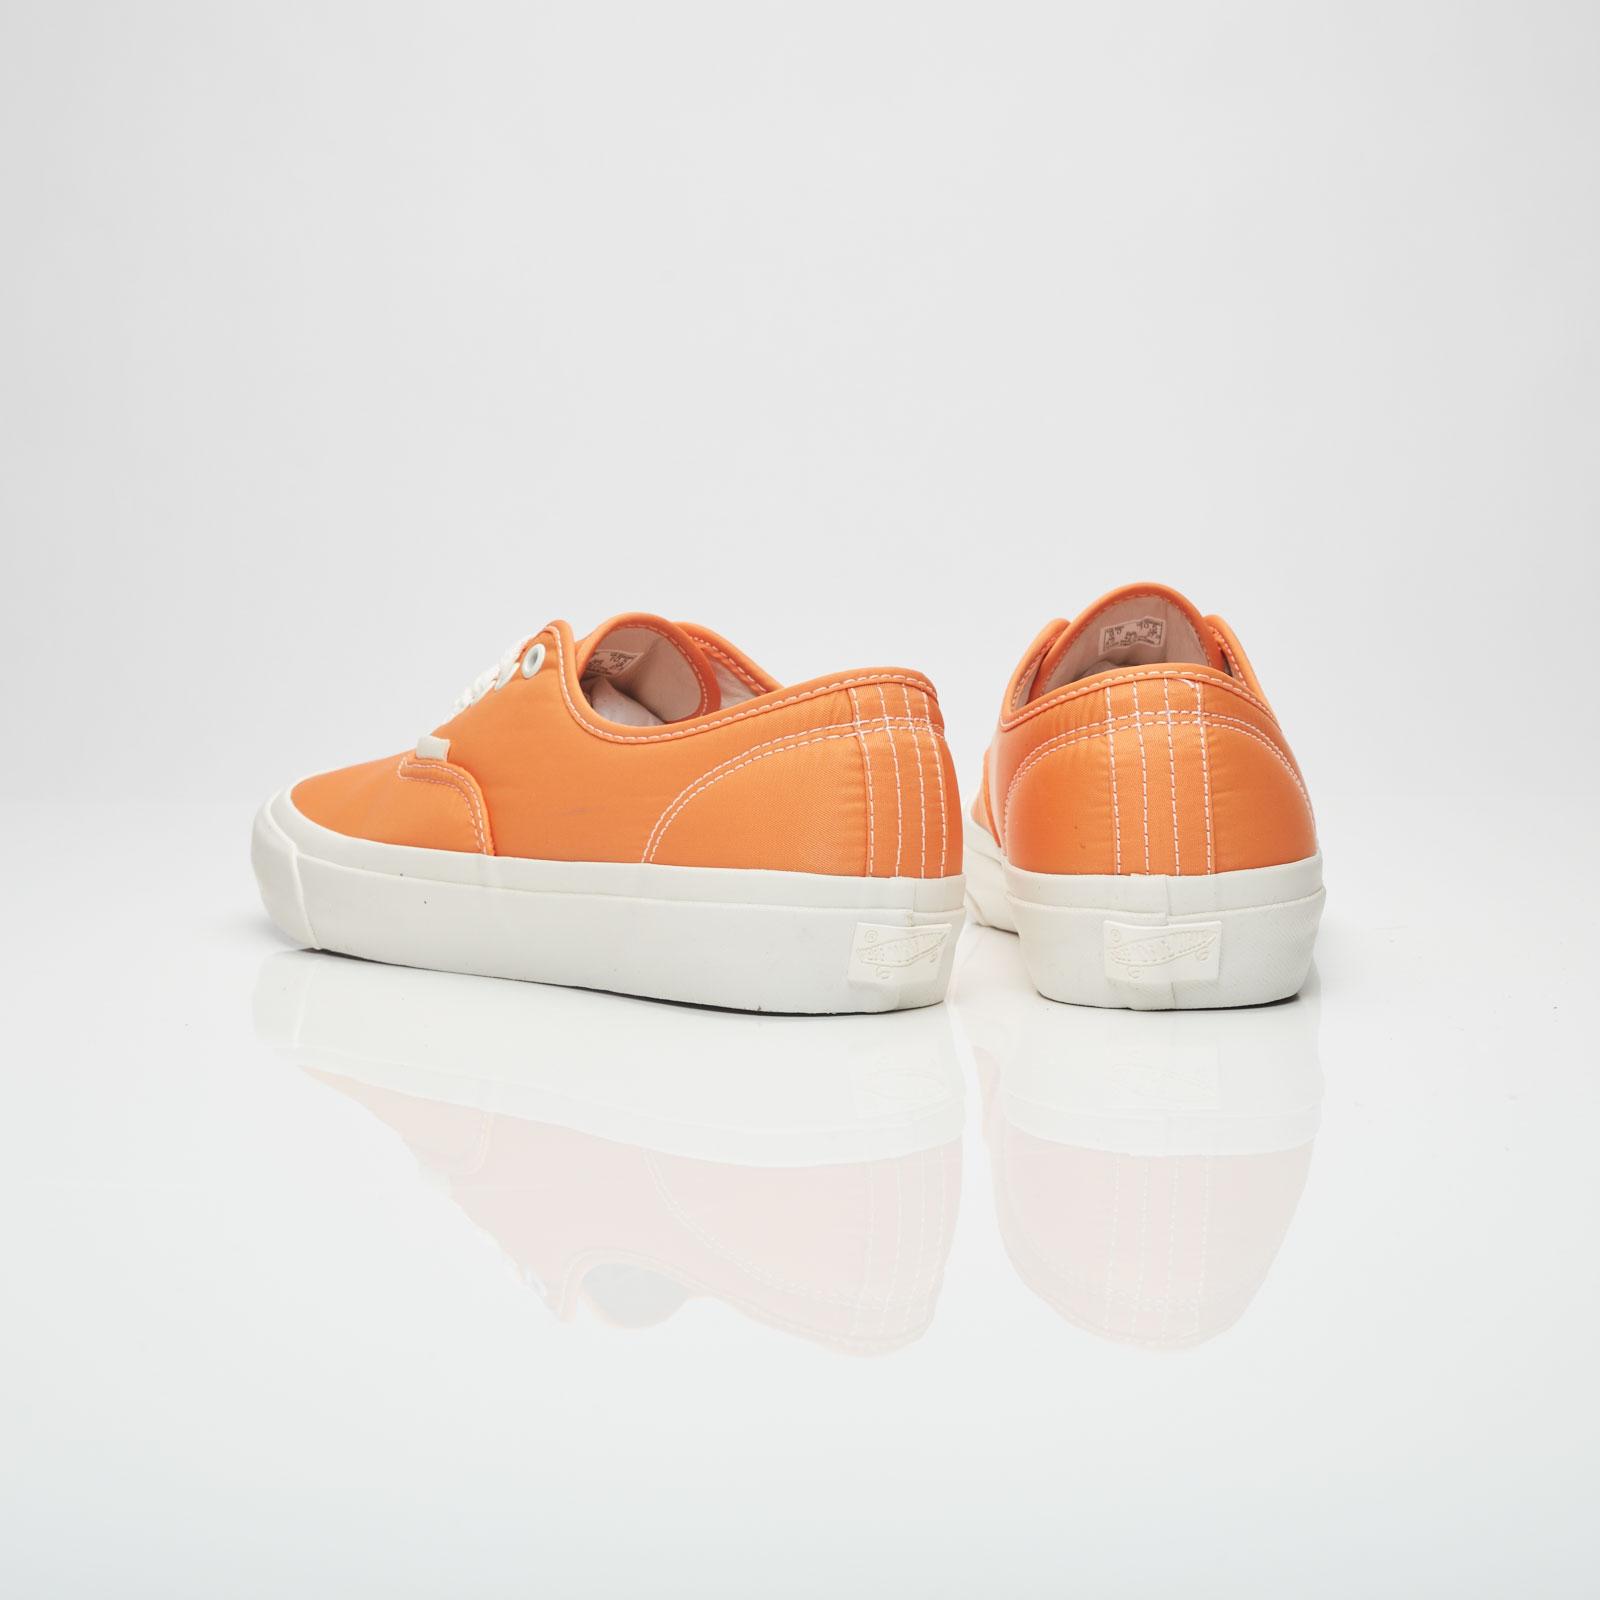 a126964299 Vans Ua Authentic Pro Lx - Va38ezn87 - Sneakersnstuff